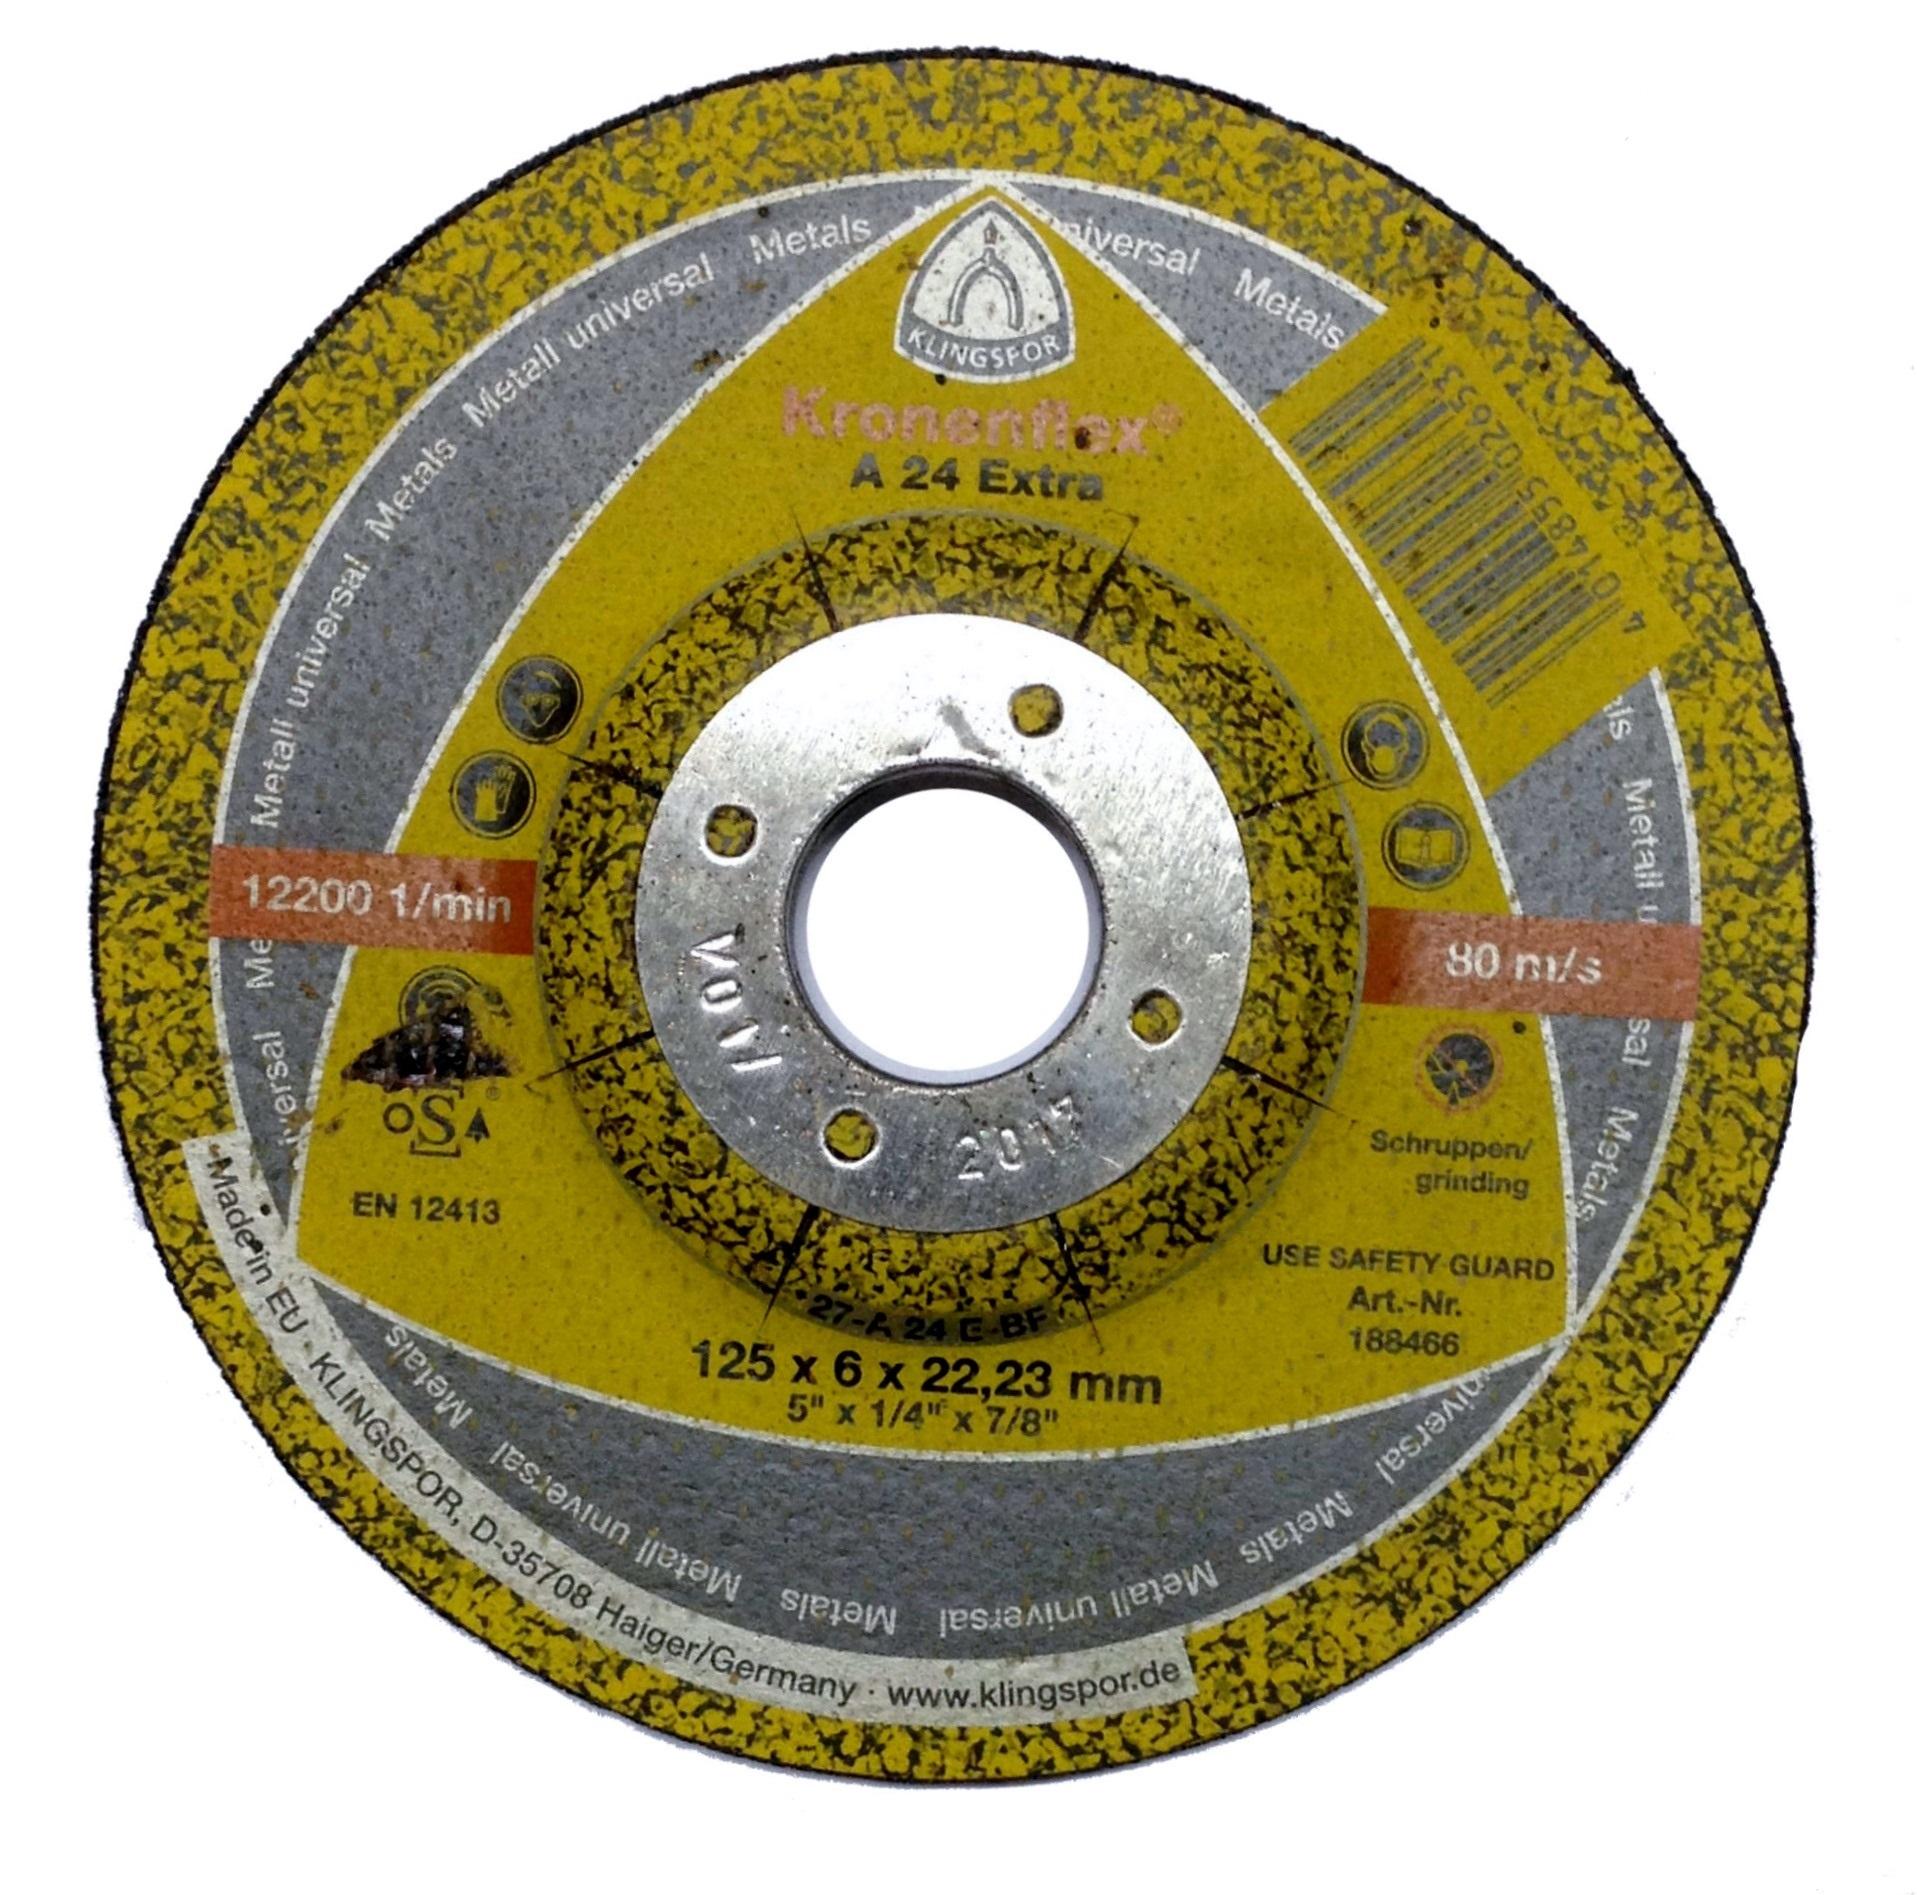 Круг шлифовальный 125*6*22  А24Extra (188466)